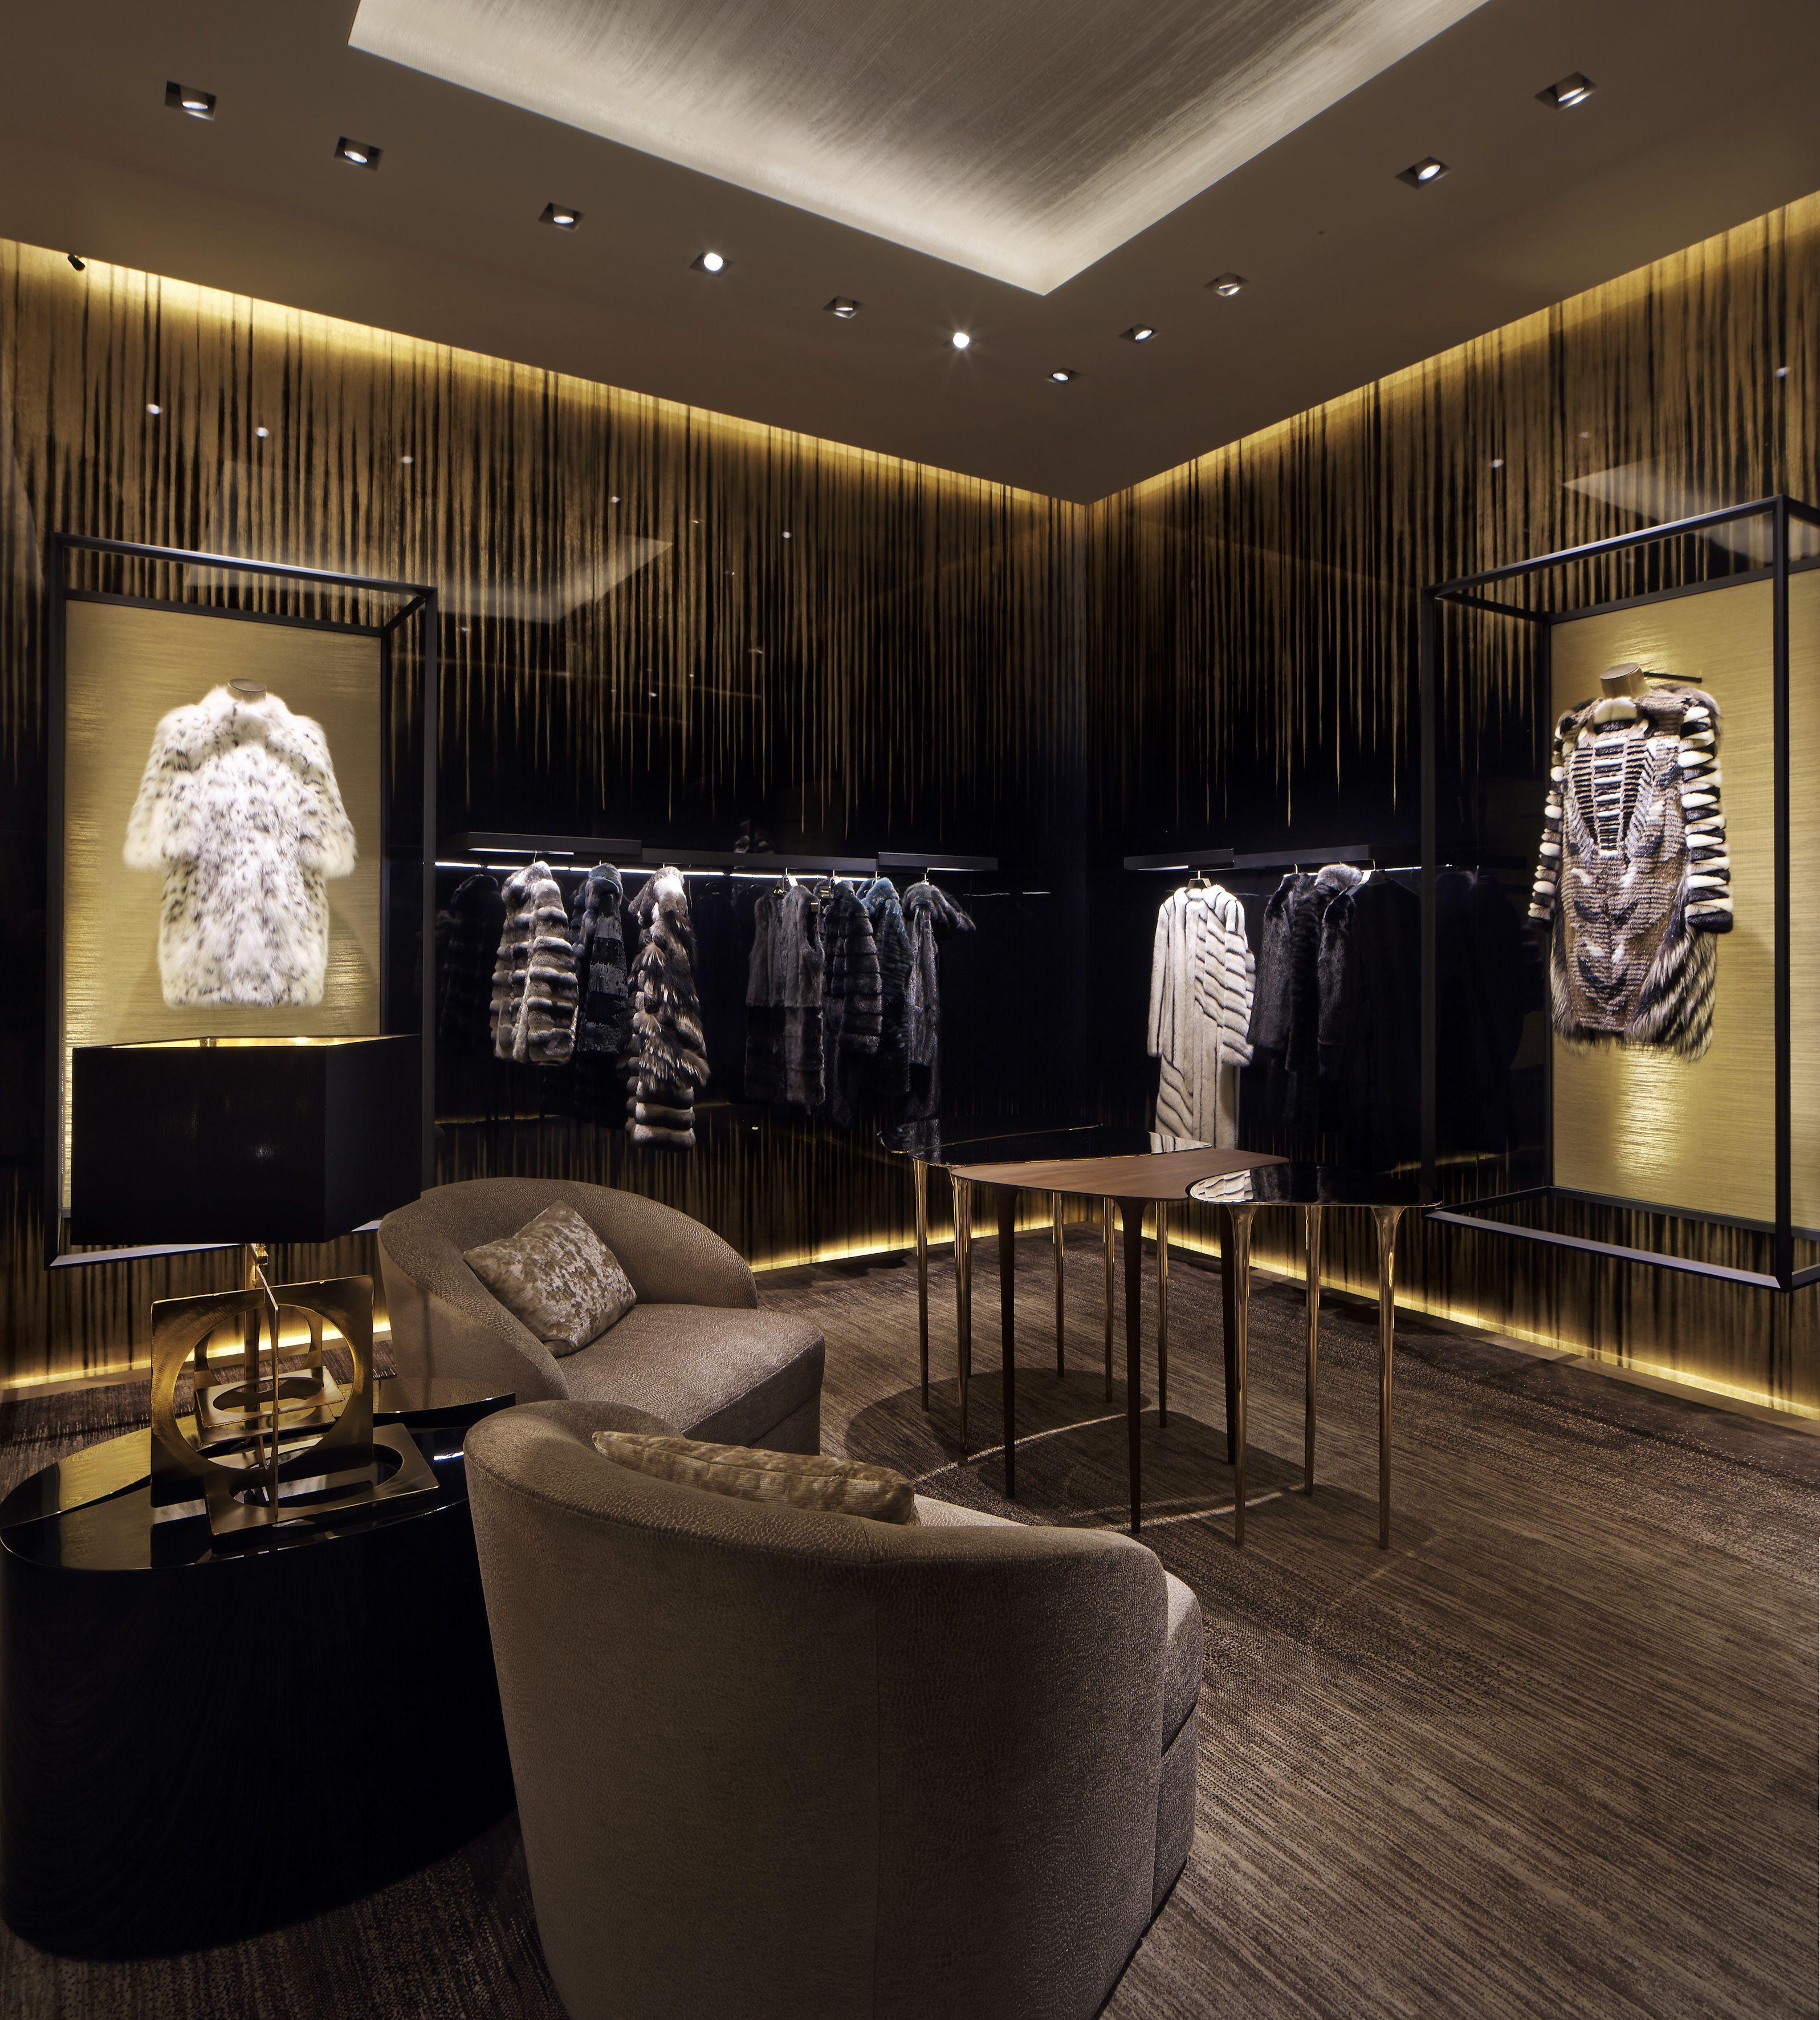 Fendi boutique in milan melrose tiendas de ropa for Diseno de interiores almacenes de ropa